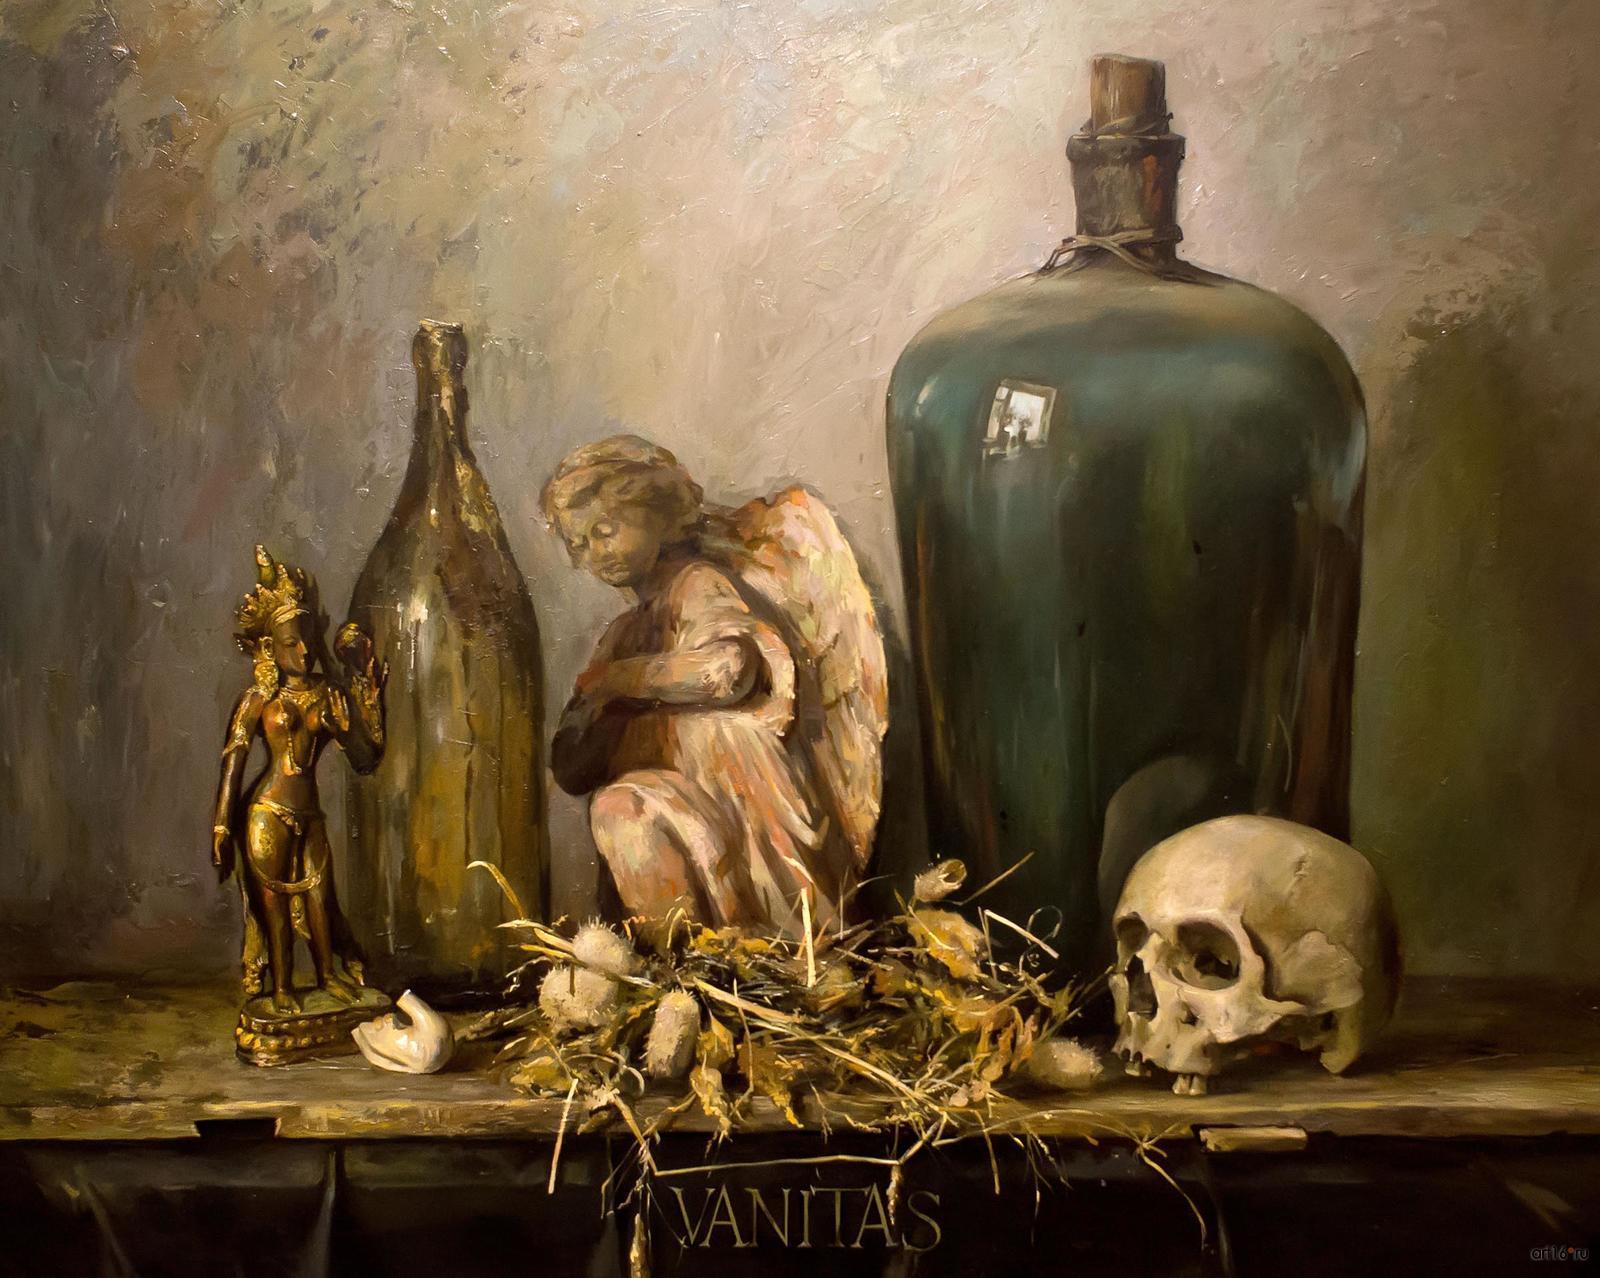 Фото №813118. Девочка на лебеде «VANITAS». 1995. Новиков А.В.